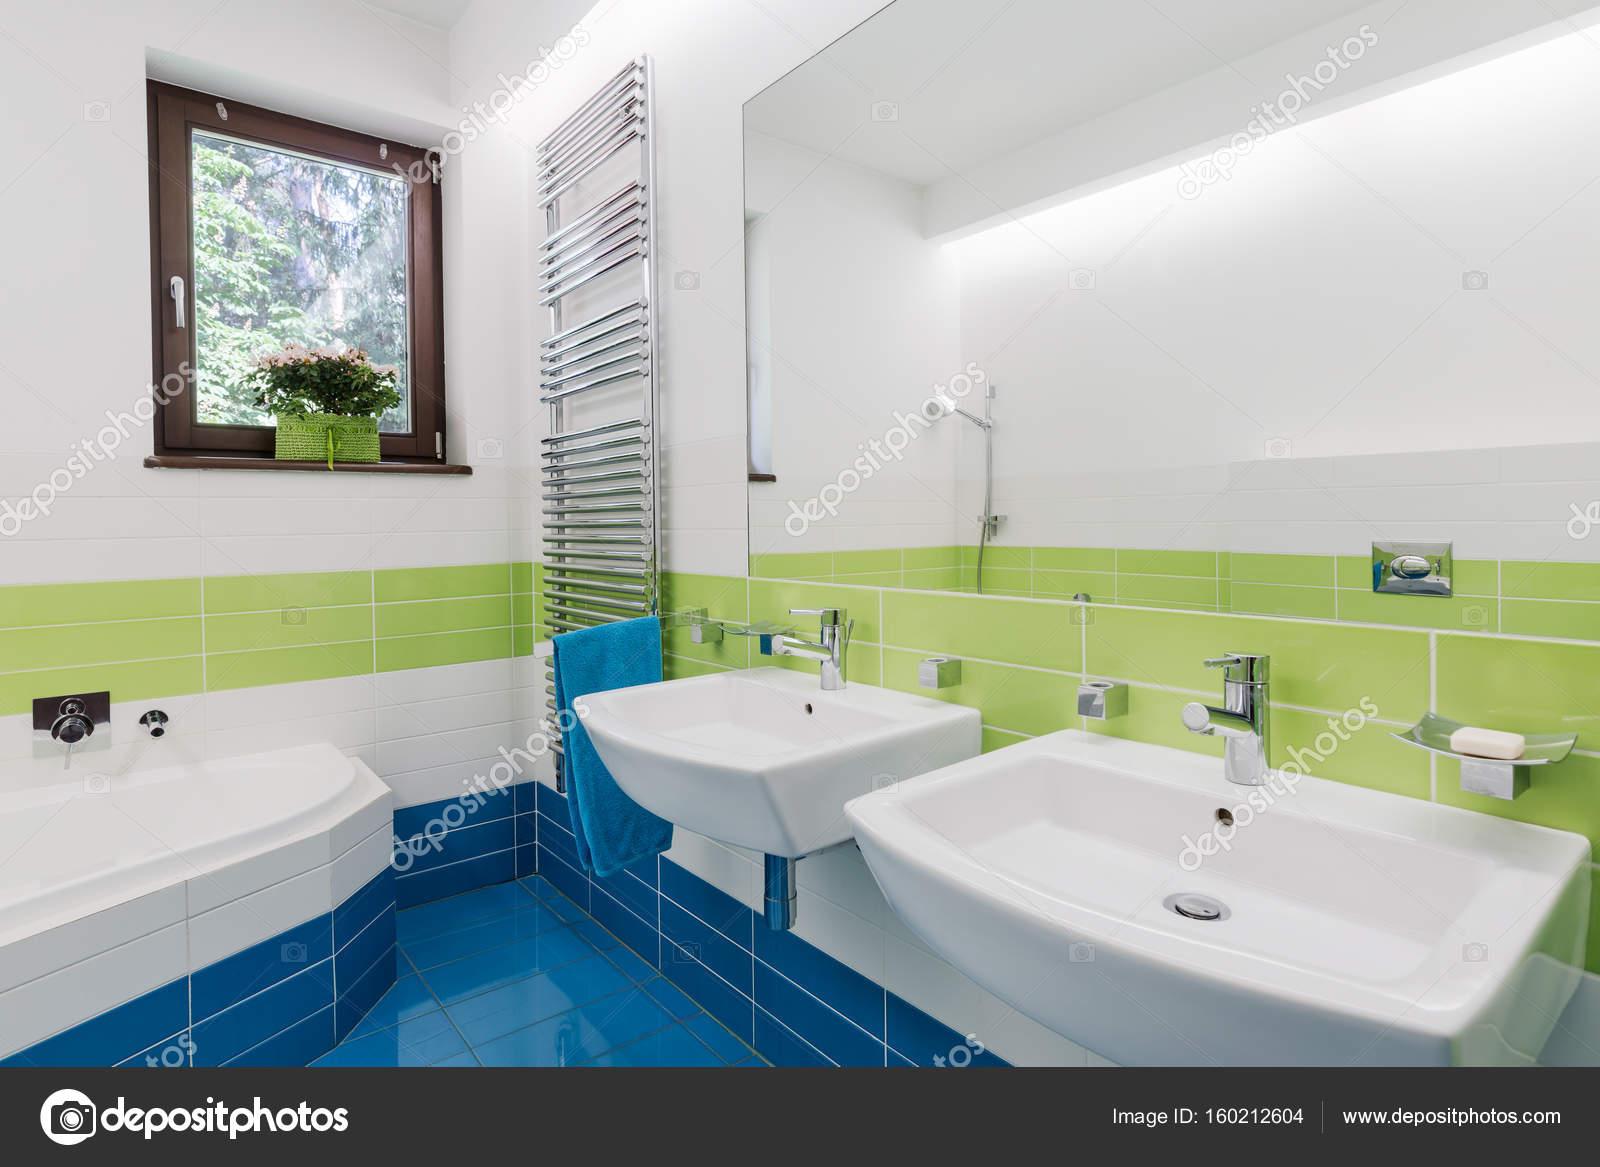 Kolorowa Lazienka Z Dwoma Umywalkami Zdjecie Stockowe